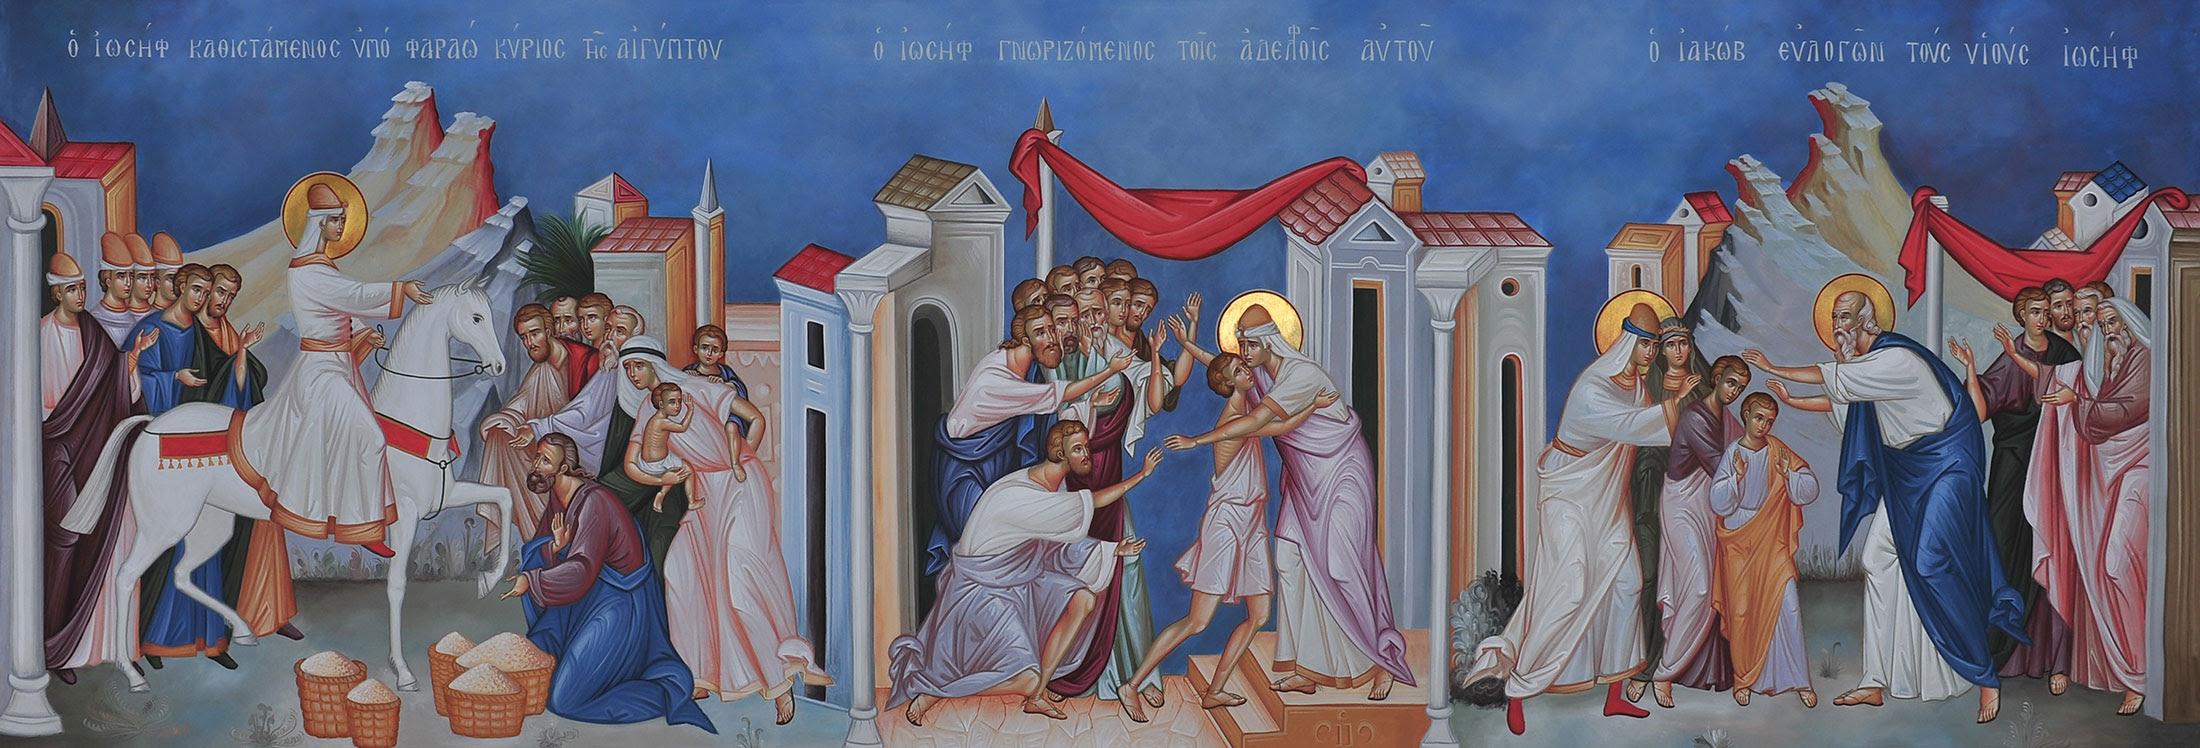 Αποτέλεσμα εικόνας για ἐκκλησιαστικές τέχνες.